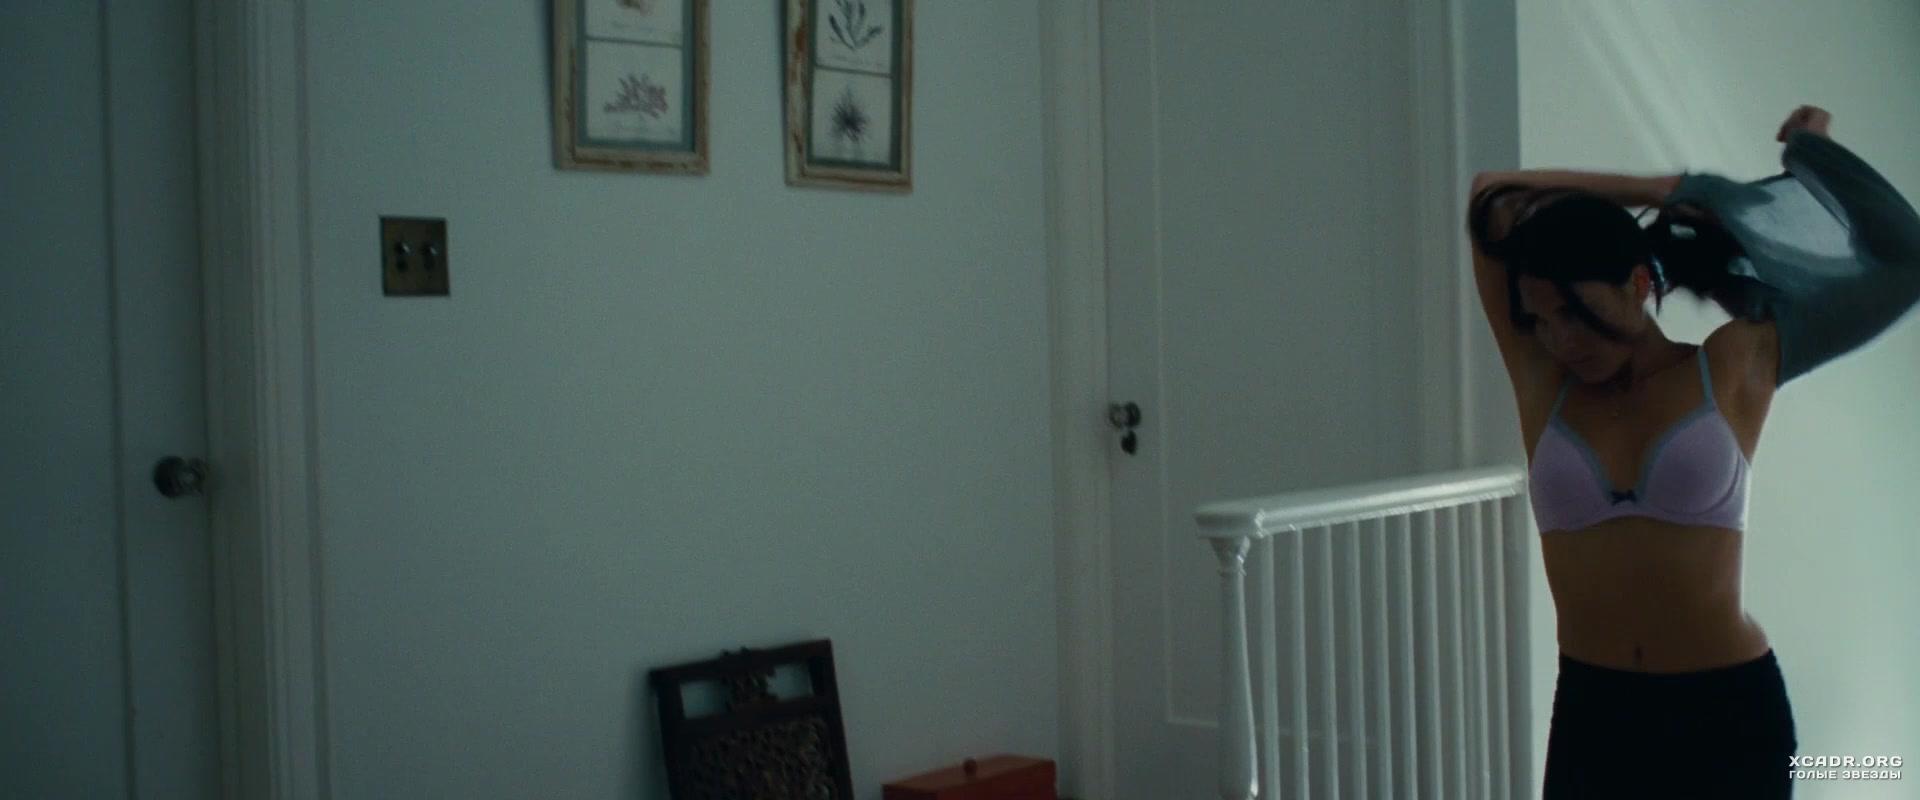 Оливия Манн раздевается – Детородные (2012) | XCADR.COM оливия уайлд фильмы